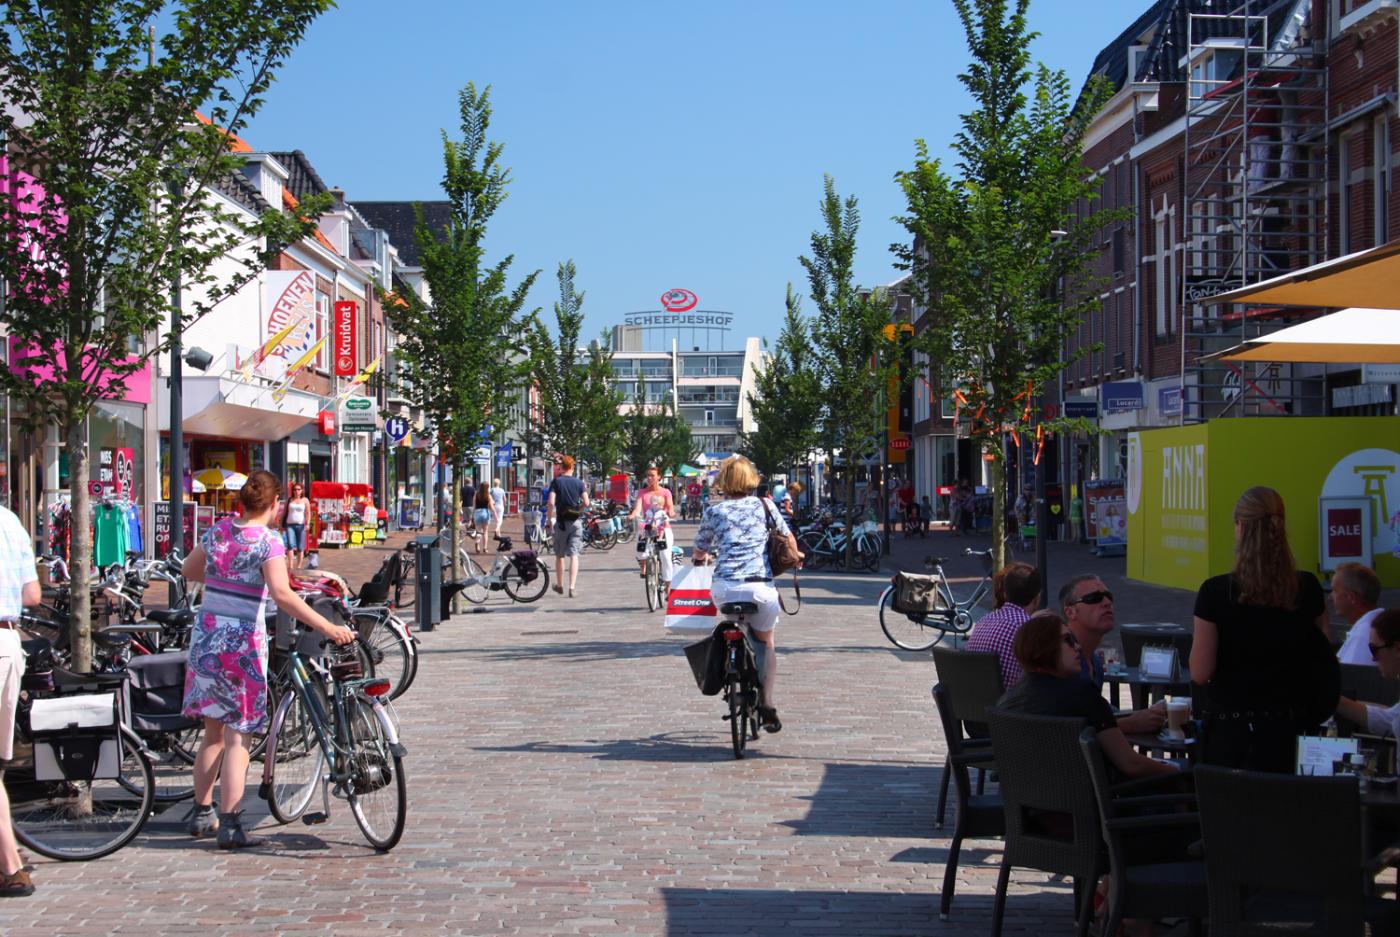 buro-sant-en-co-landschapsarchitectuur-veenendaal-winkelgebied-hoofdstraat-winkelgebied